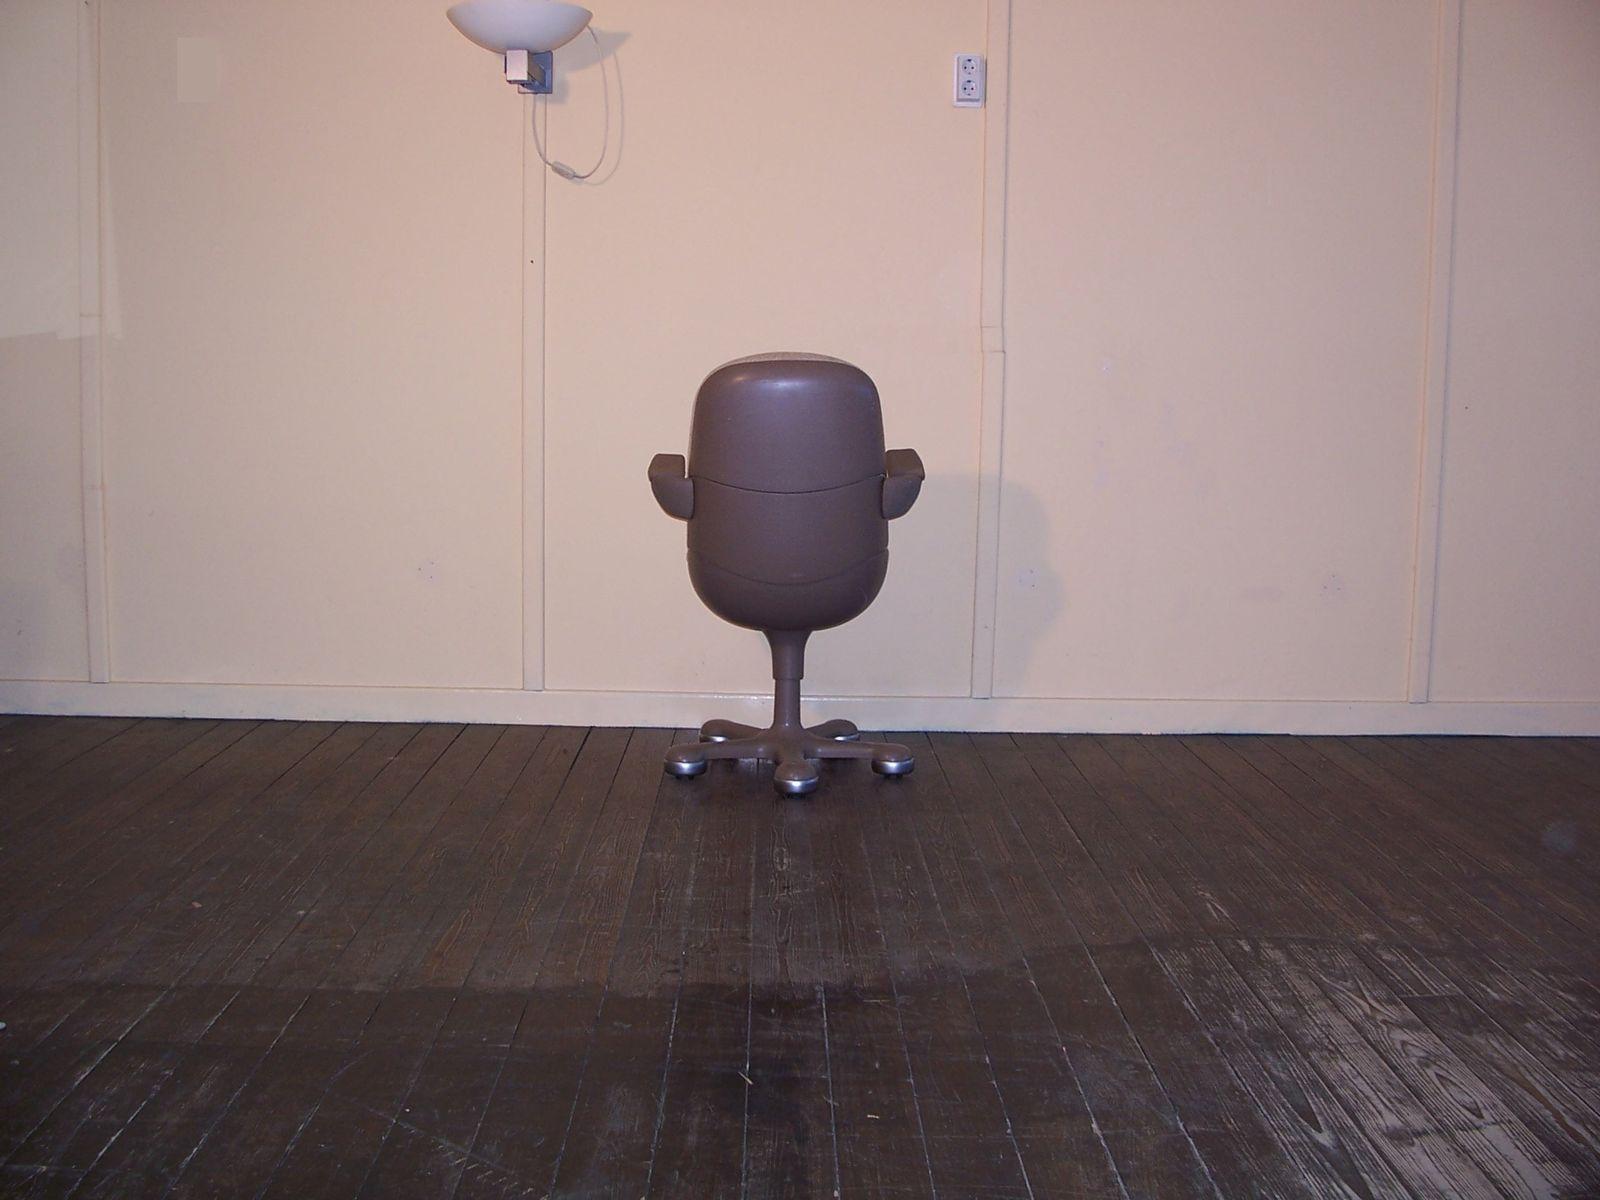 Sedie Da Ufficio Con Rotelle : Sedia da ufficio vintage con rotelle di mauser in vendita su pamono